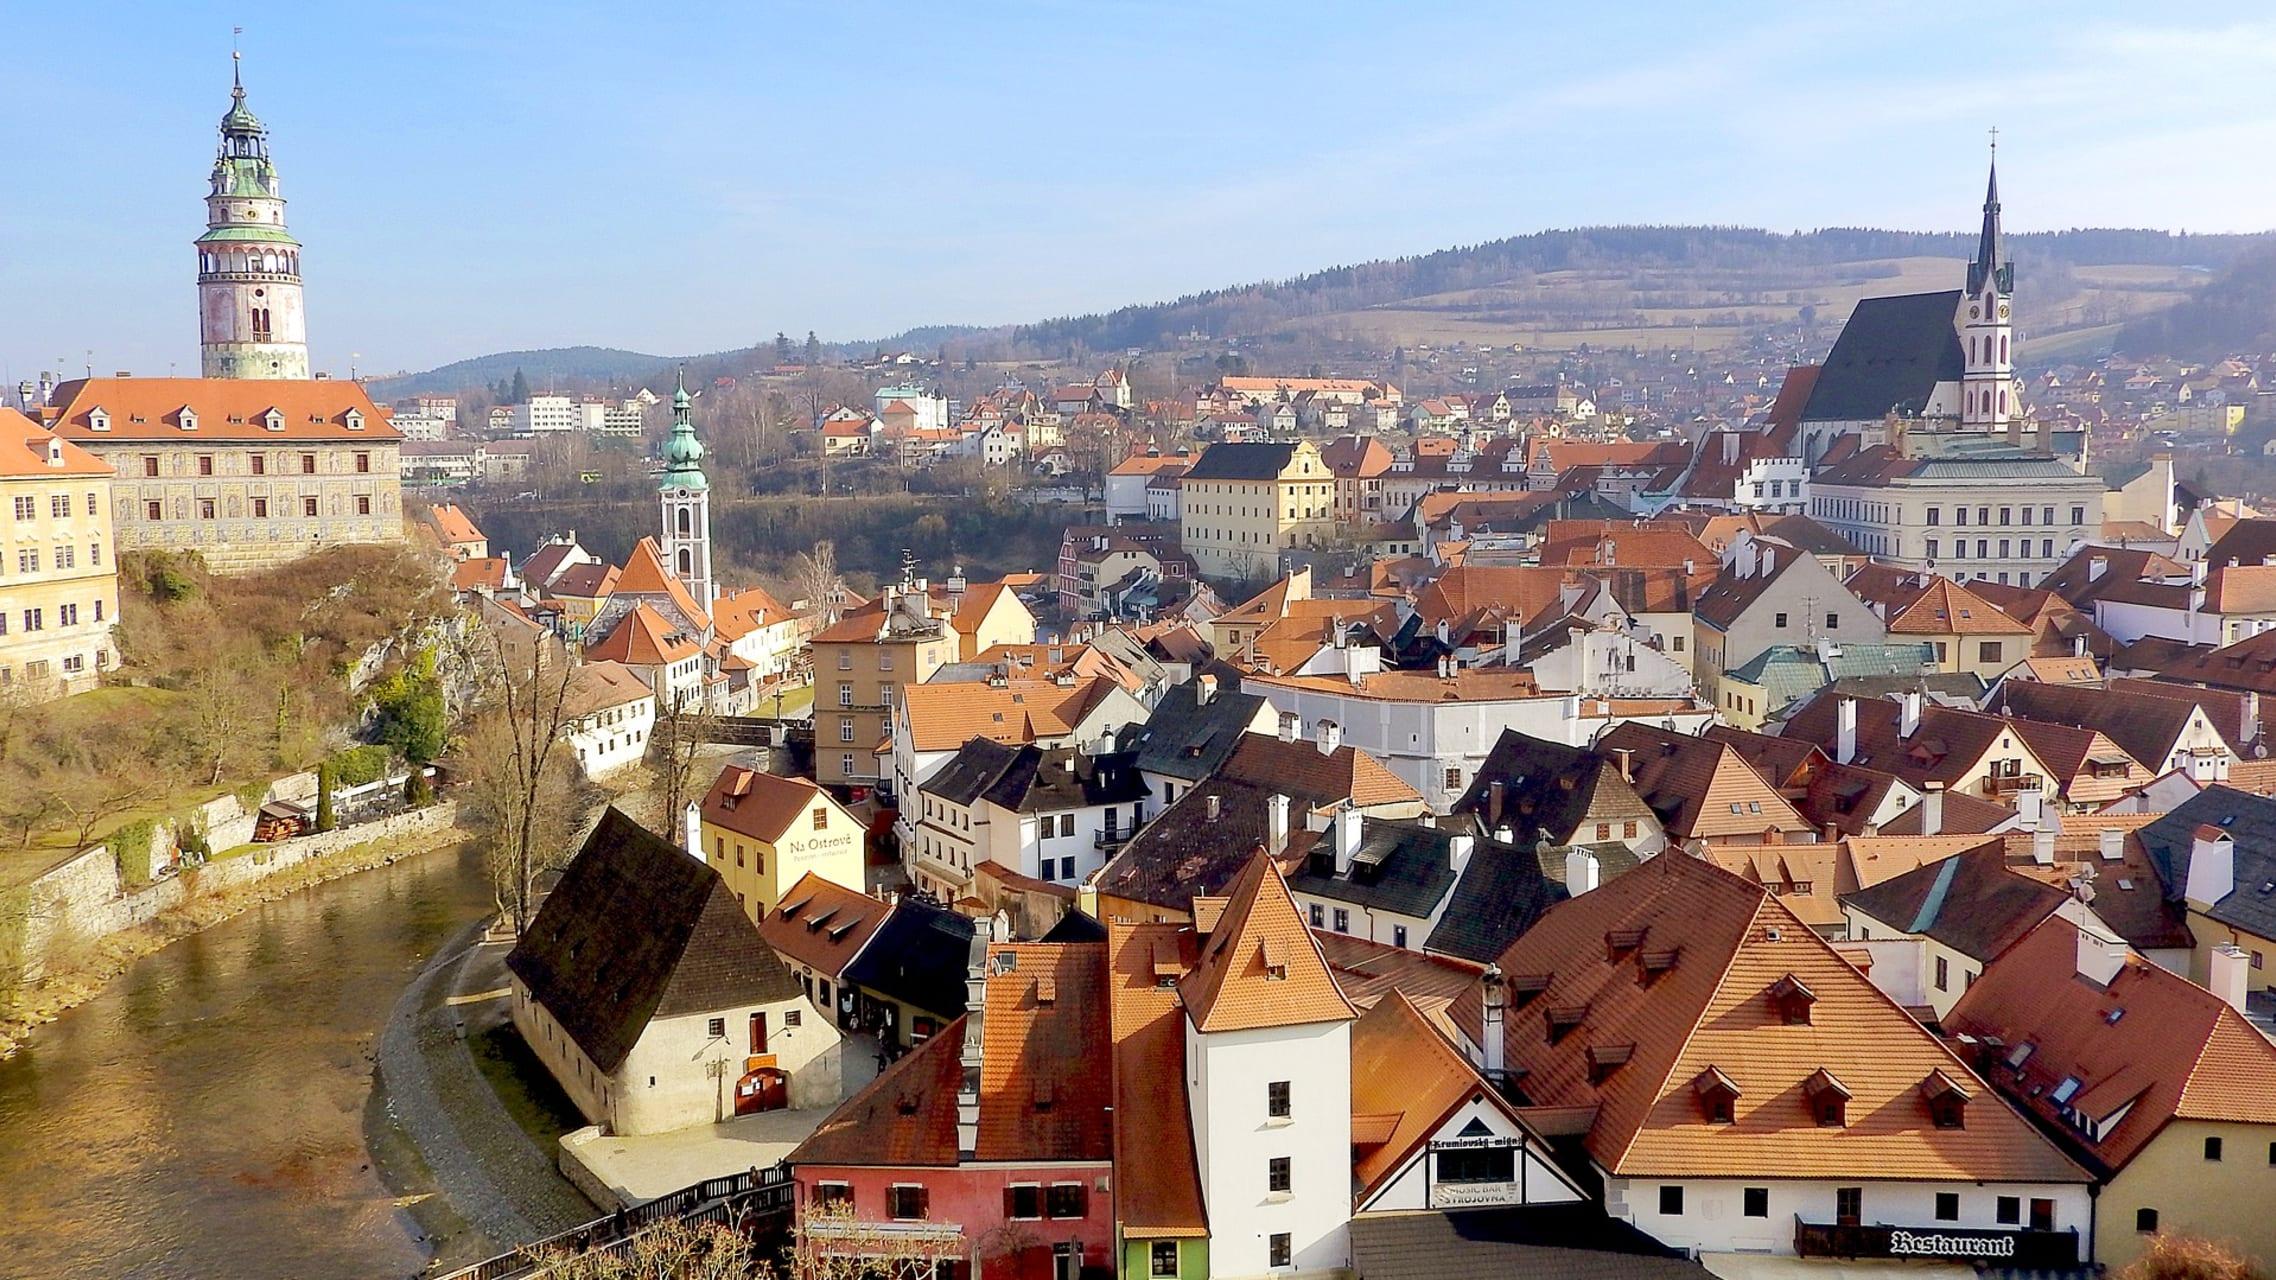 Cesky Krumlov - UNESCO Site Cesky Krumlov - Fairy Tale Town and Castle